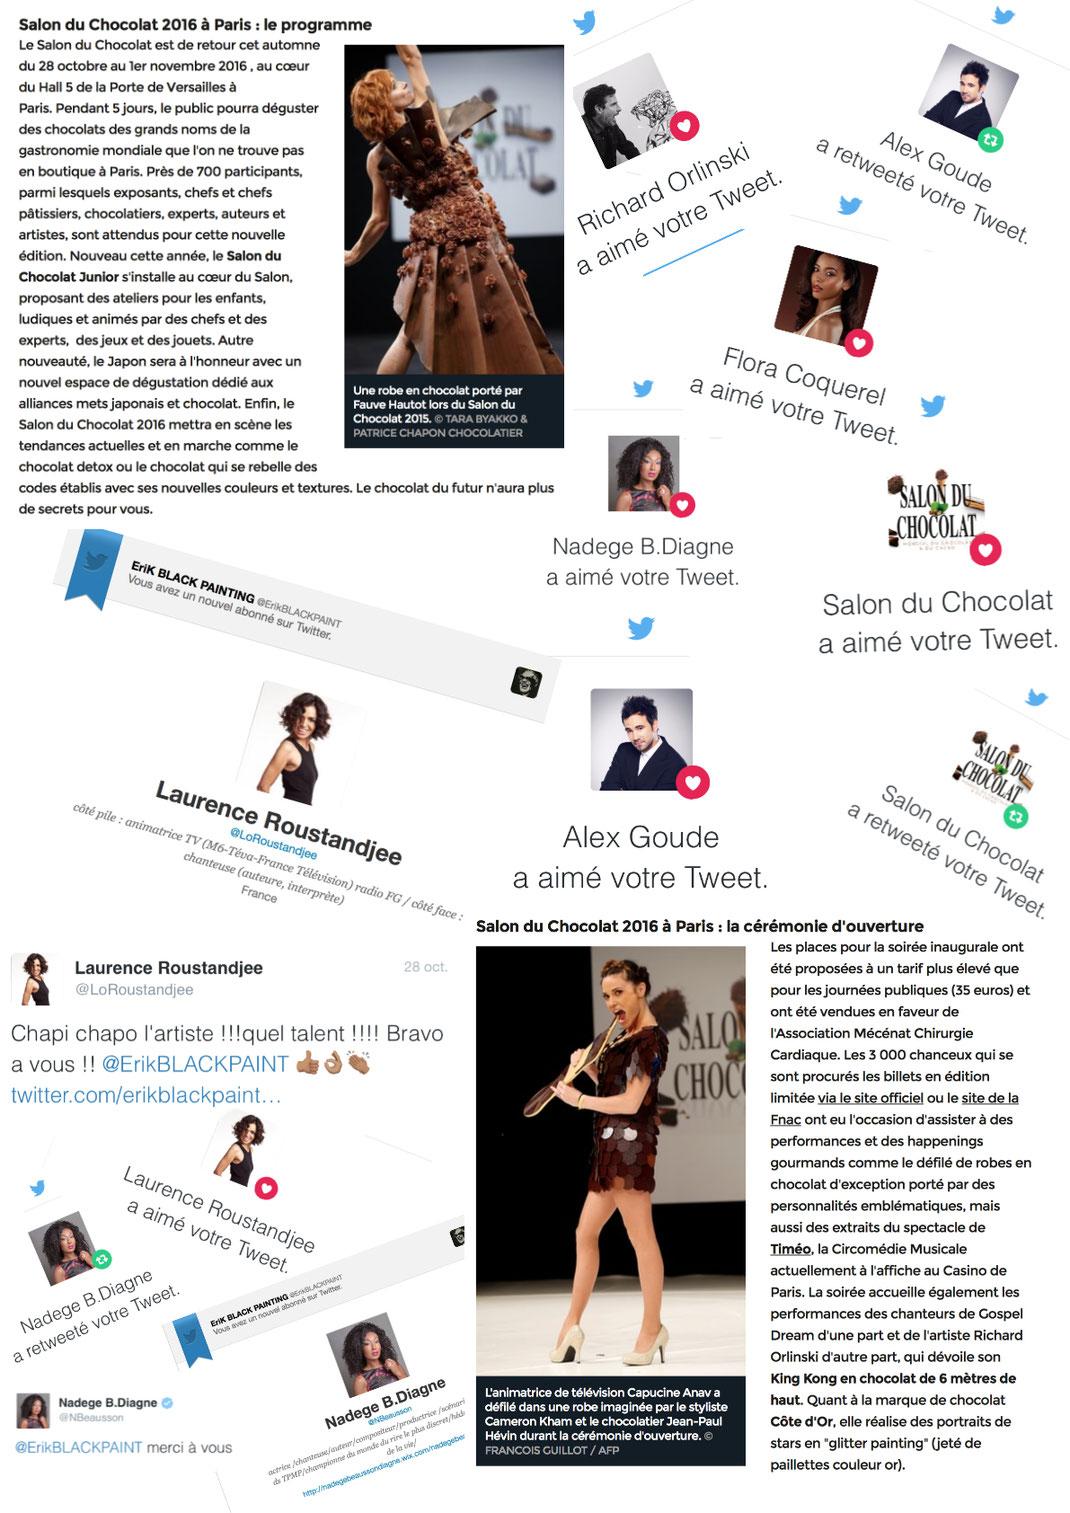 Programme et tweets du salon du chocolat avec erik black painting, amanda scott, laurence roustandjee, flora coquerel, alex goude